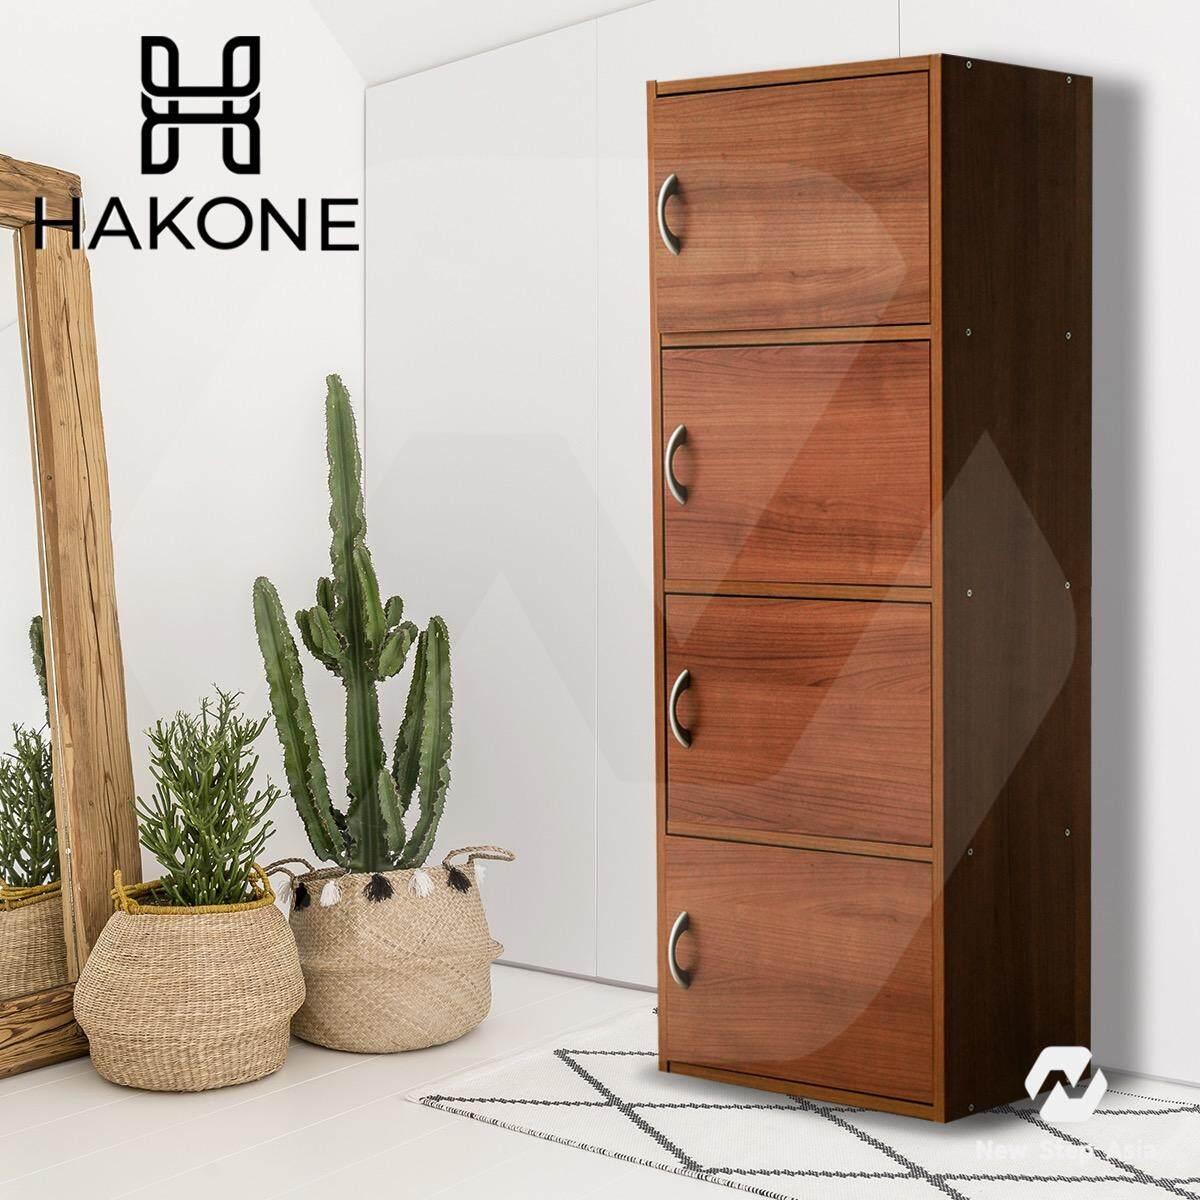 ซื้อ Hakone ชั้นวางของเอนกประสงค์ 4 ชั้น 4 ประตู มีบานเปิด ปิด ลายไม้ สีคาปูชิโน่ รุ่น Color Box 4 D Besta Image Furniture ออนไลน์ กรุงเทพมหานคร